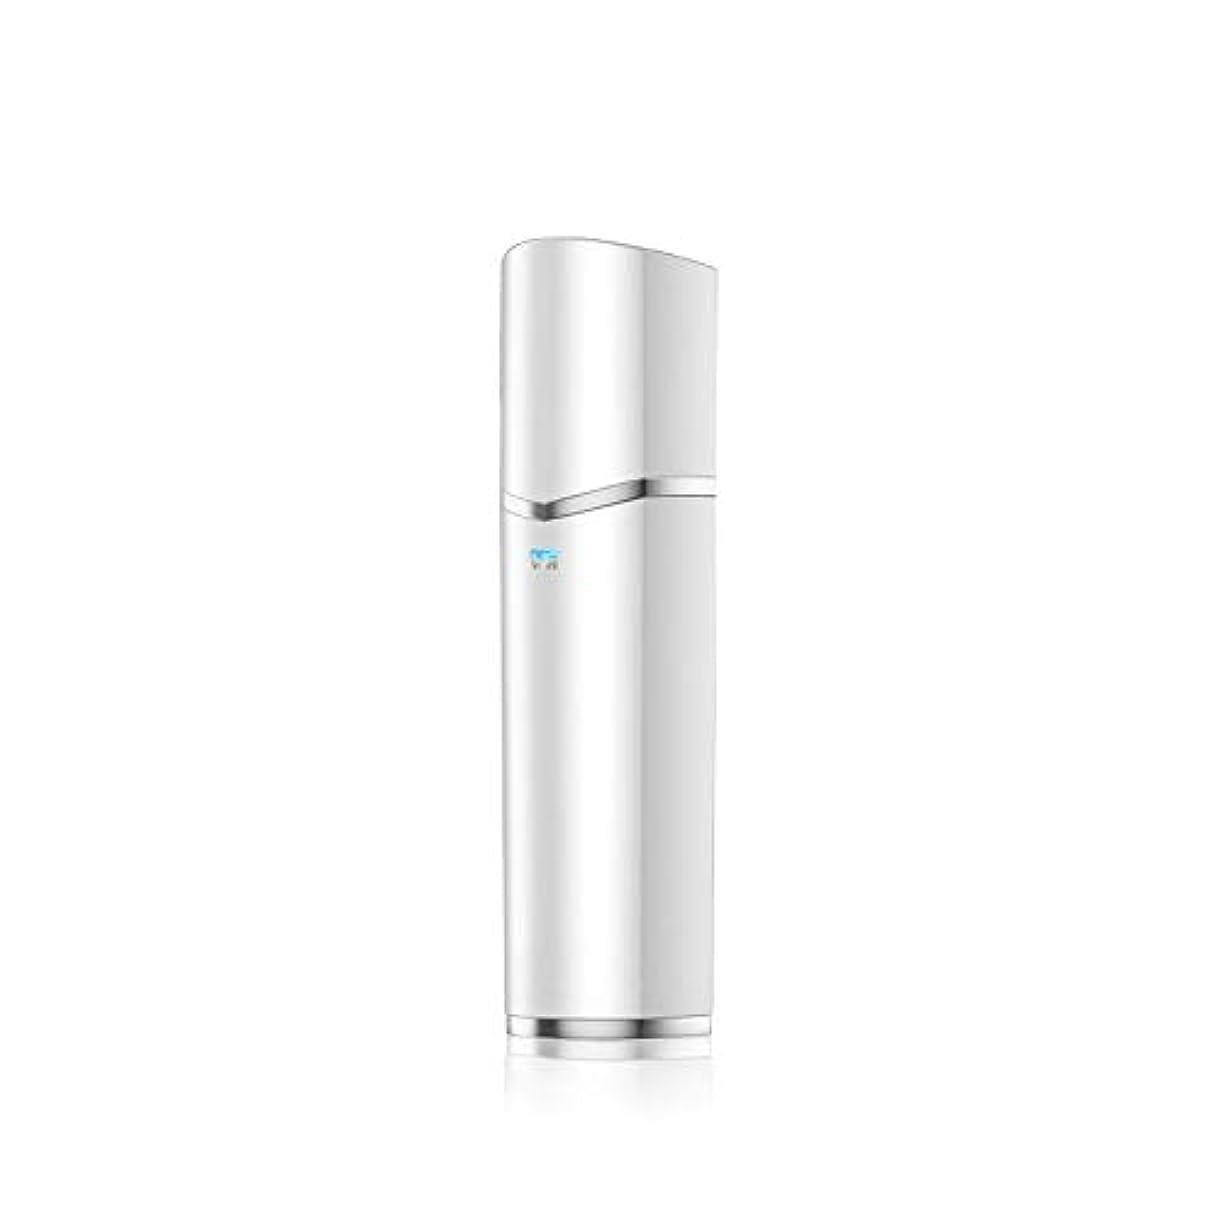 に対応光の電話に出るZXF 新しい多機能ミルクトナーエッセンススキンケア美容機器オリジナル液体保湿ナノ水和コールドスプレースプレーポータブル水道メーターホワイト 滑らかである